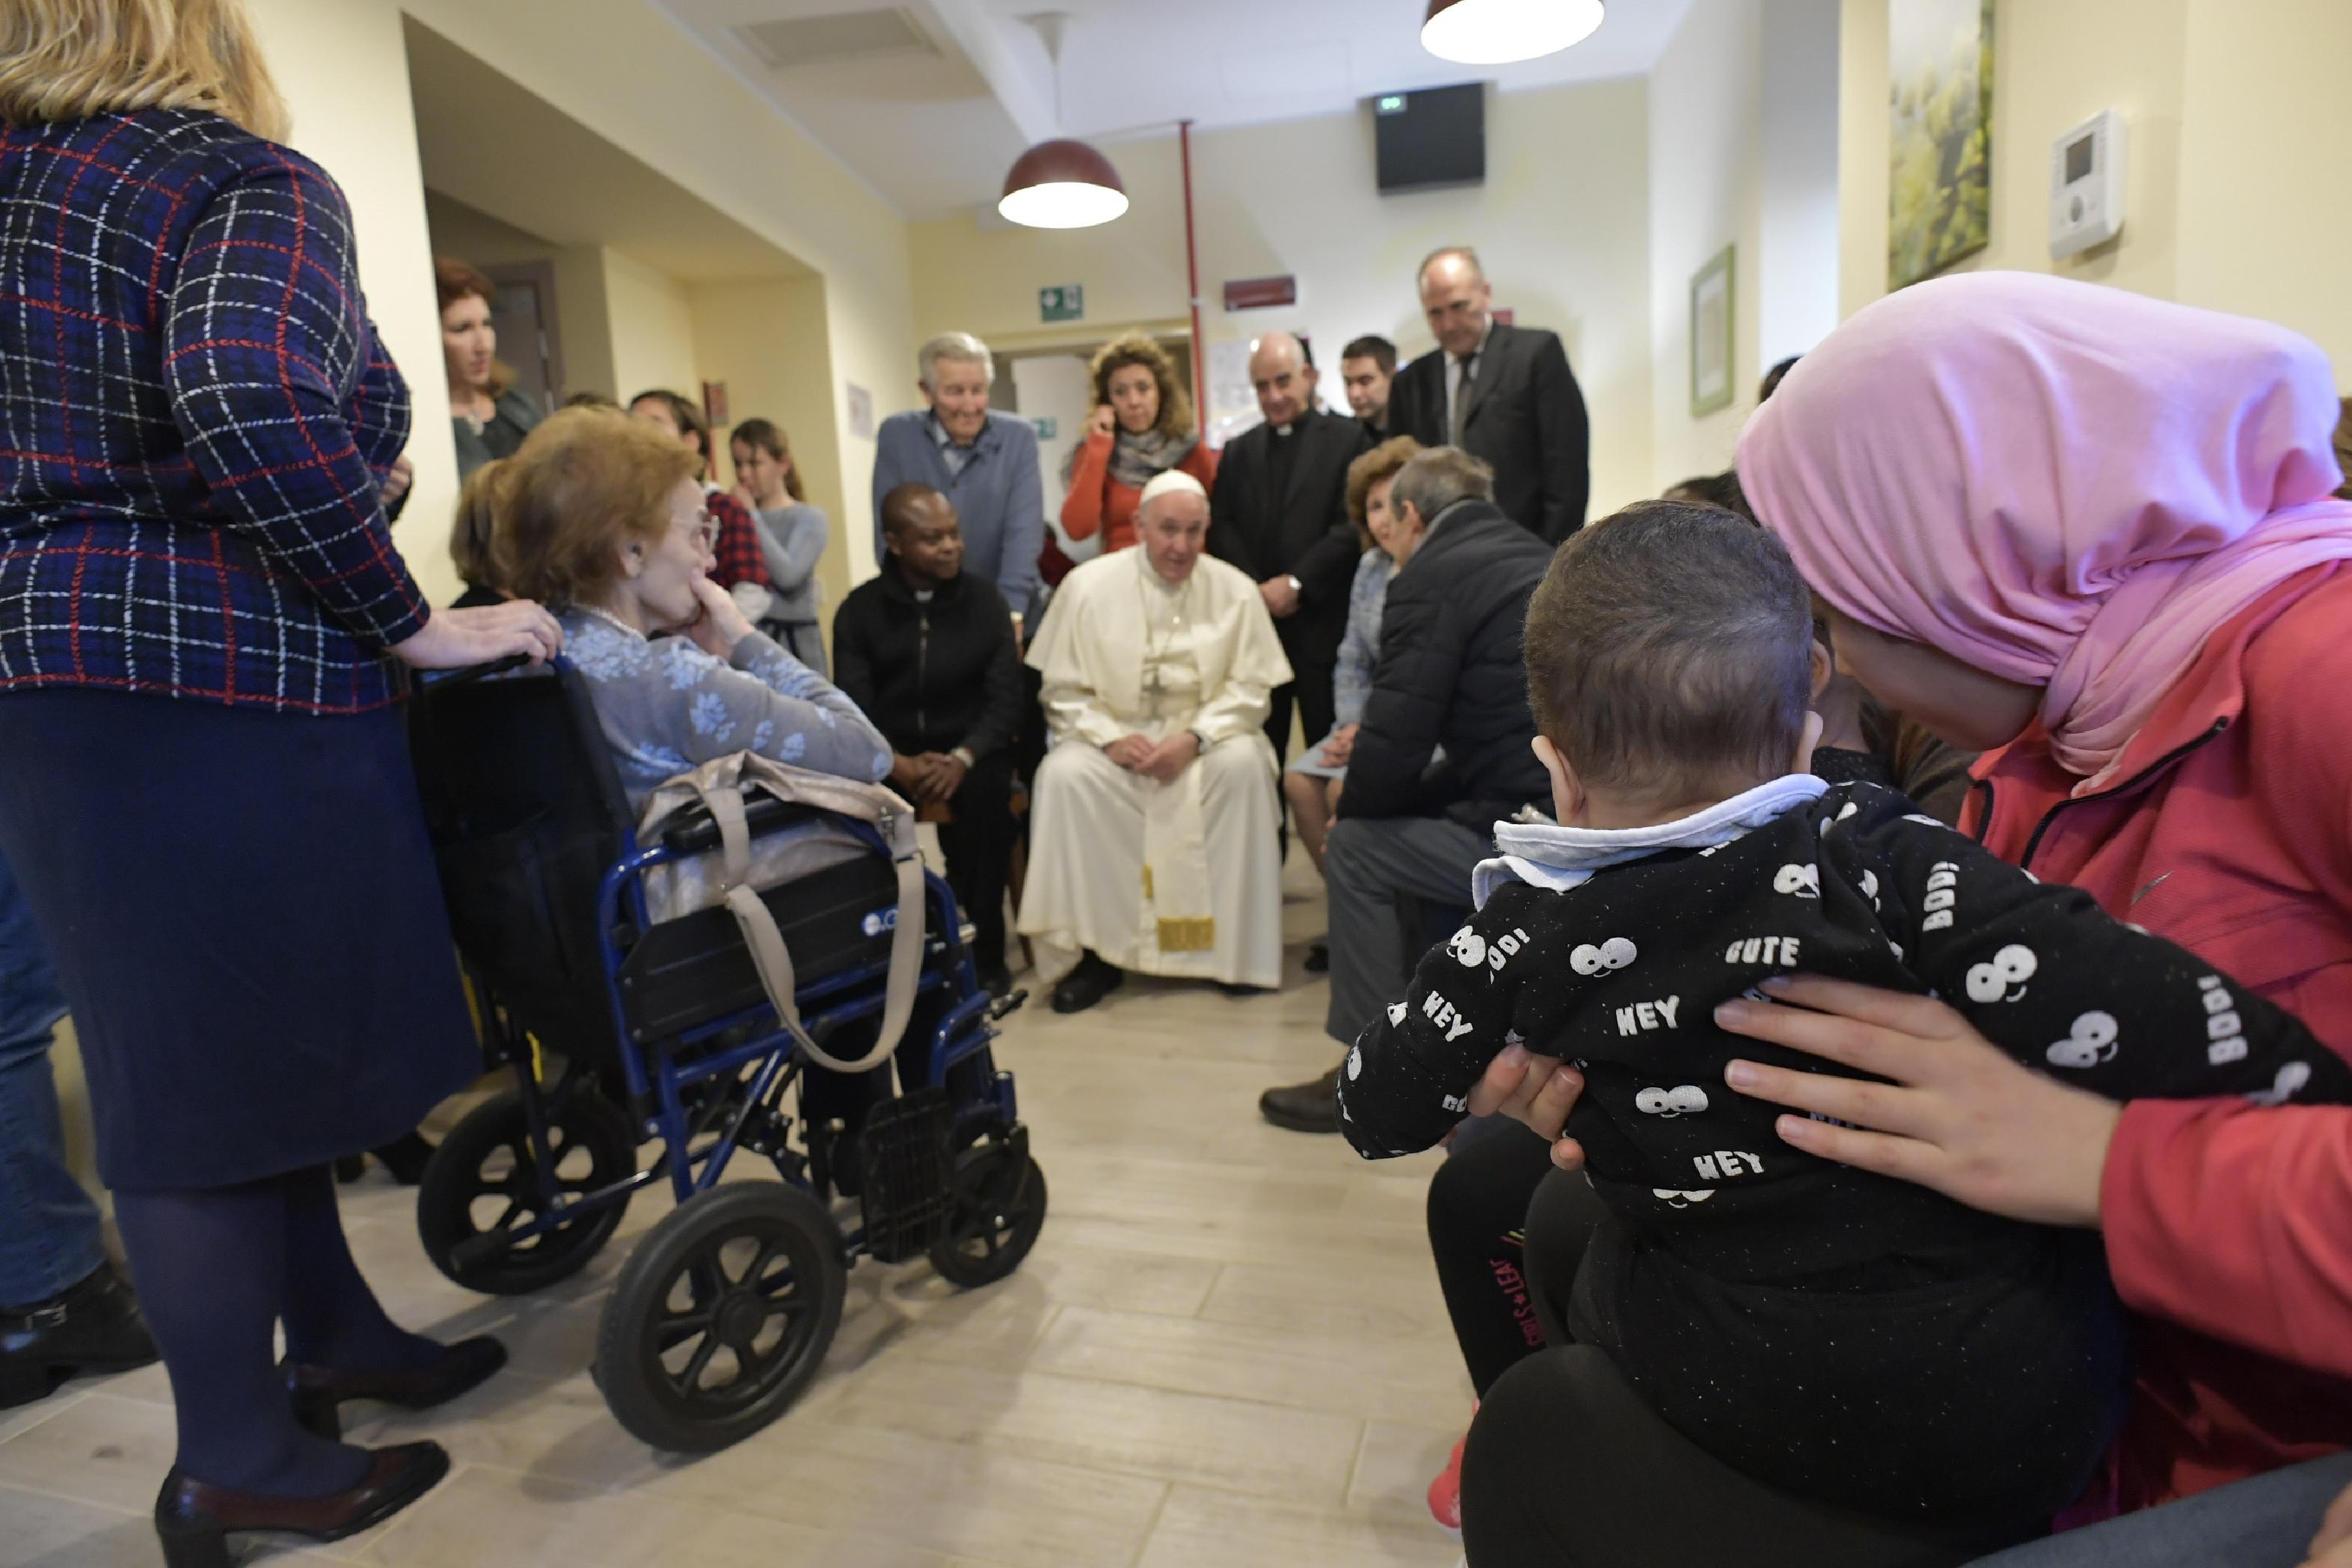 Le pape auprès des malades de la CasAmica de Trigoria © Vatican Media